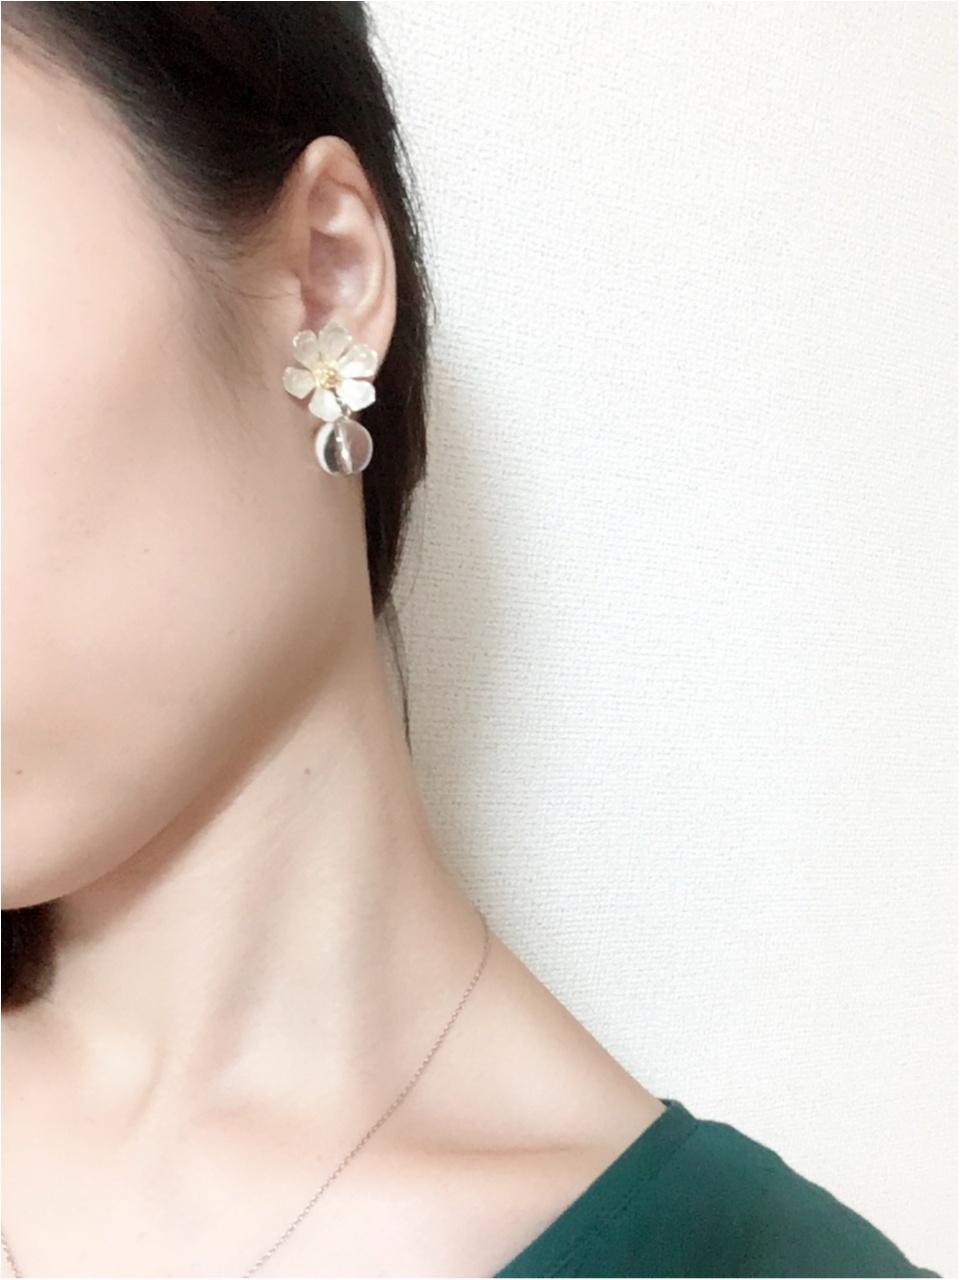 メタルとクリアがおとな可愛い【Ane Mone-アネモネ-】のイヤリング♡_3